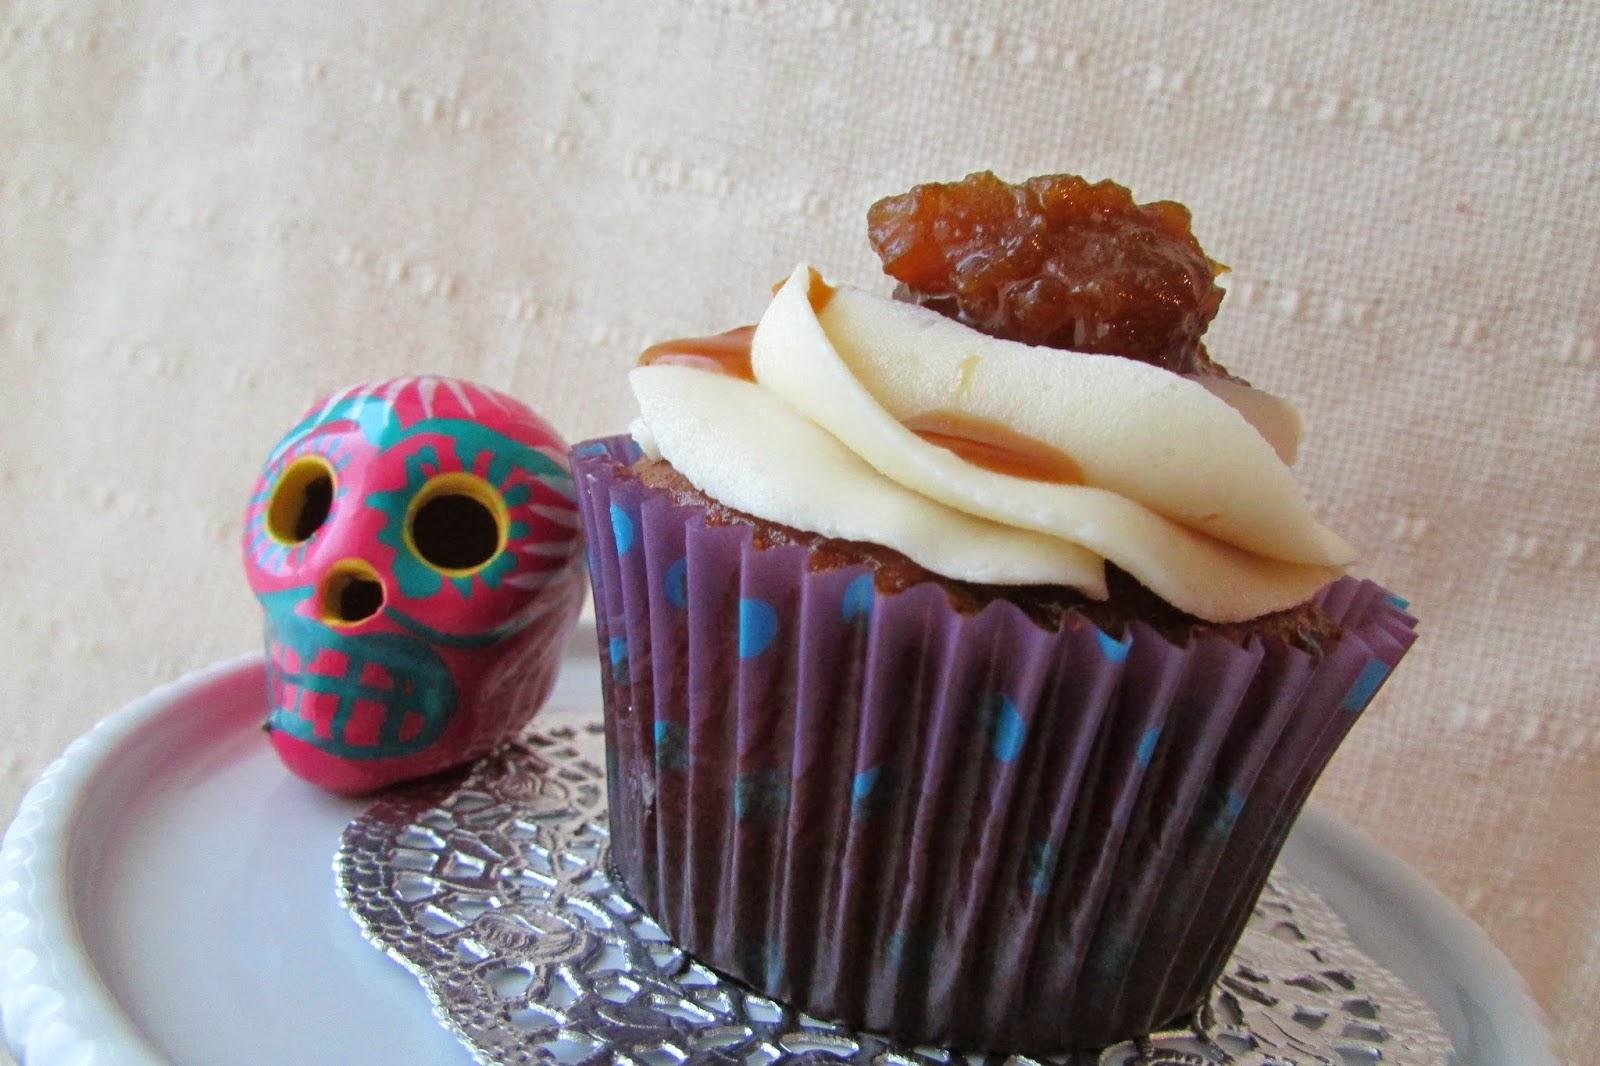 calavera-cupcake-dia-de-muertos-mexico